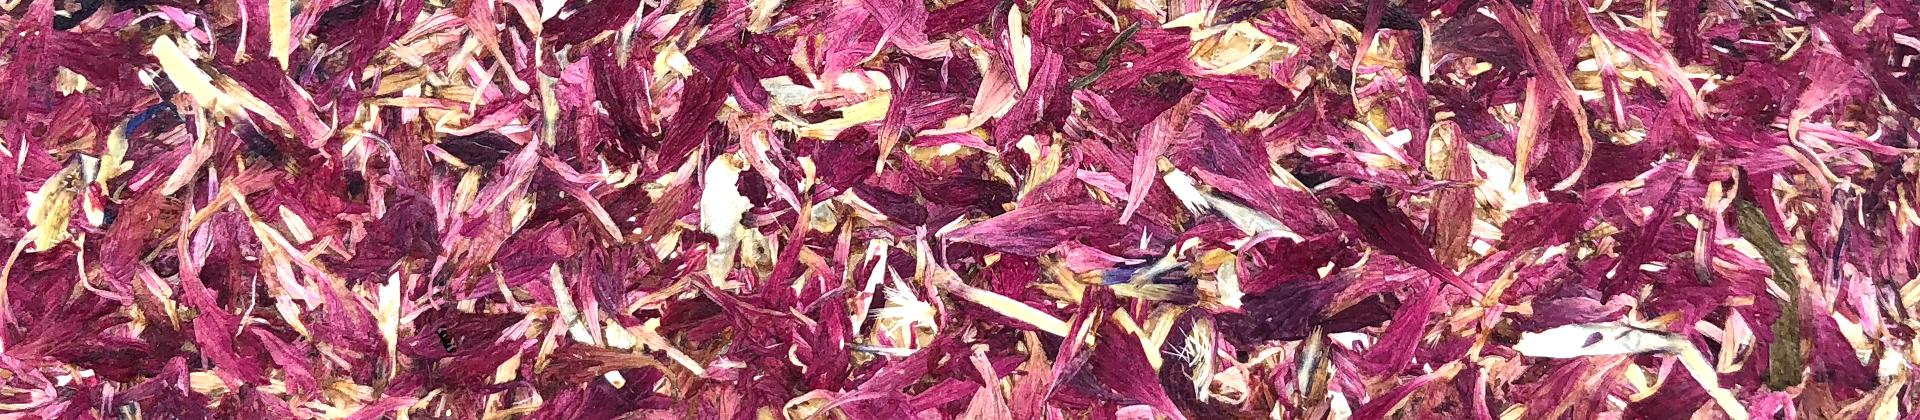 Einlagenmaterial rote Kornblumen